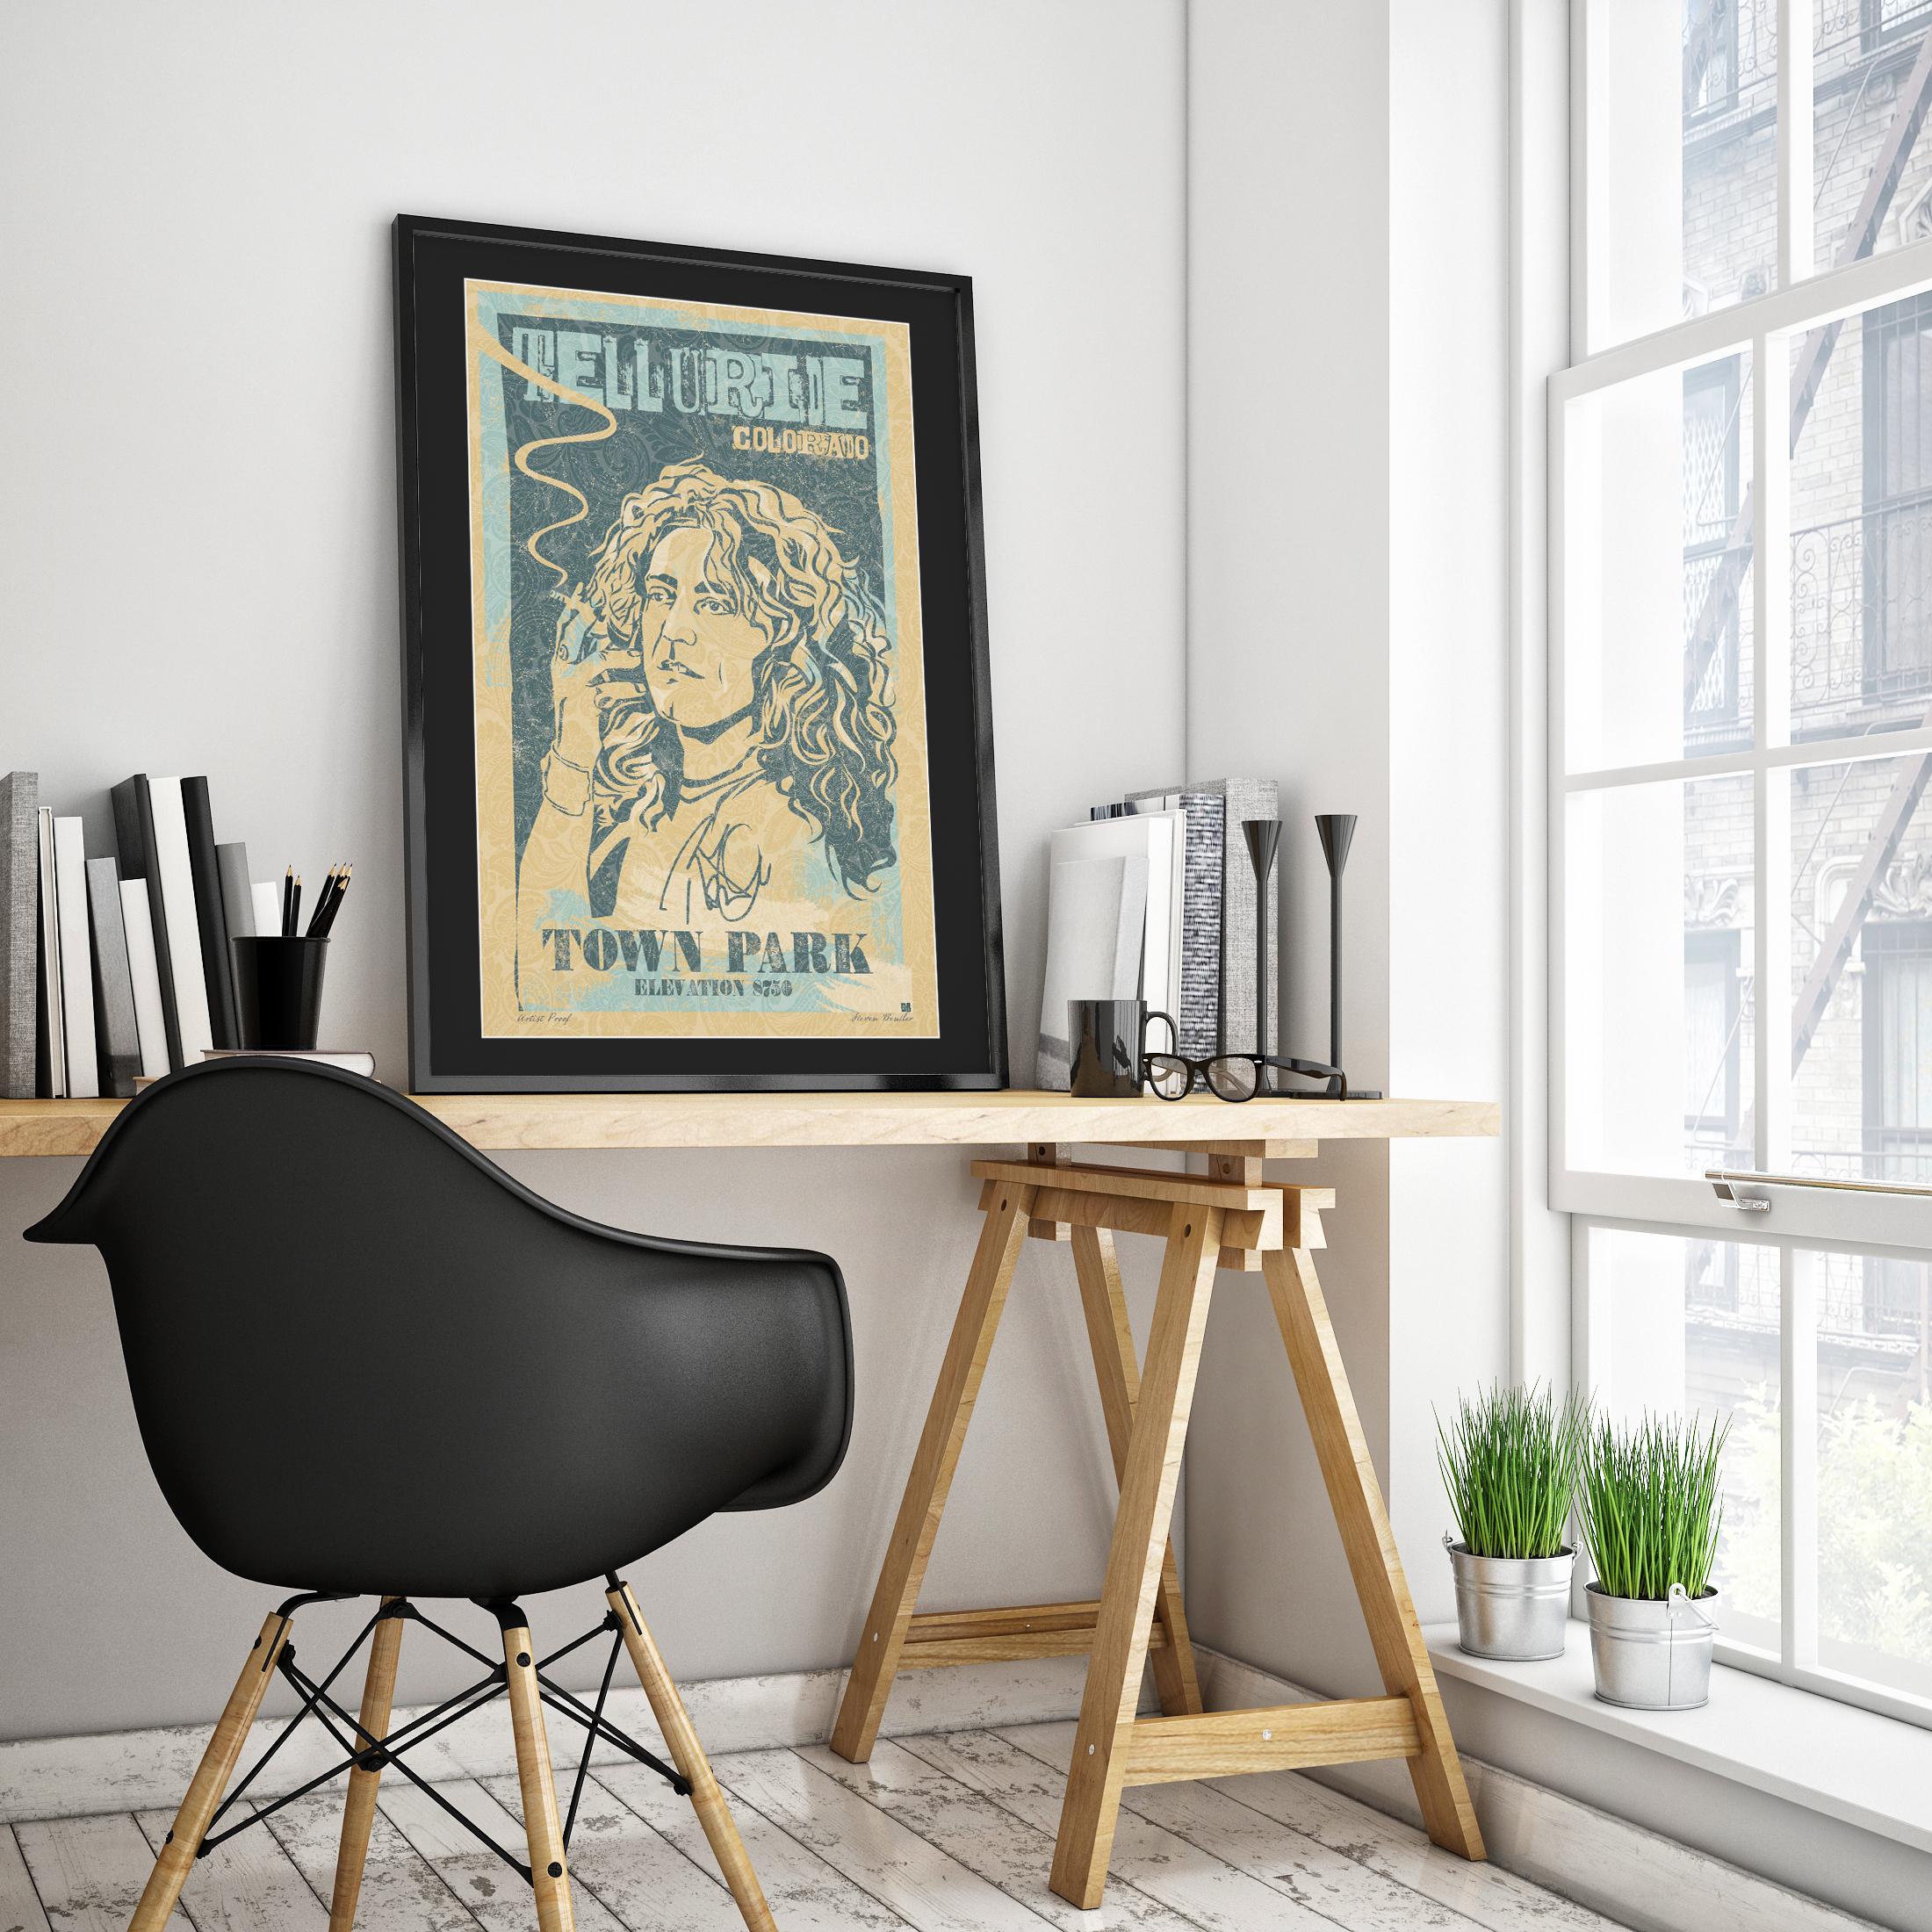 interior mockup Robert Planty.jpg